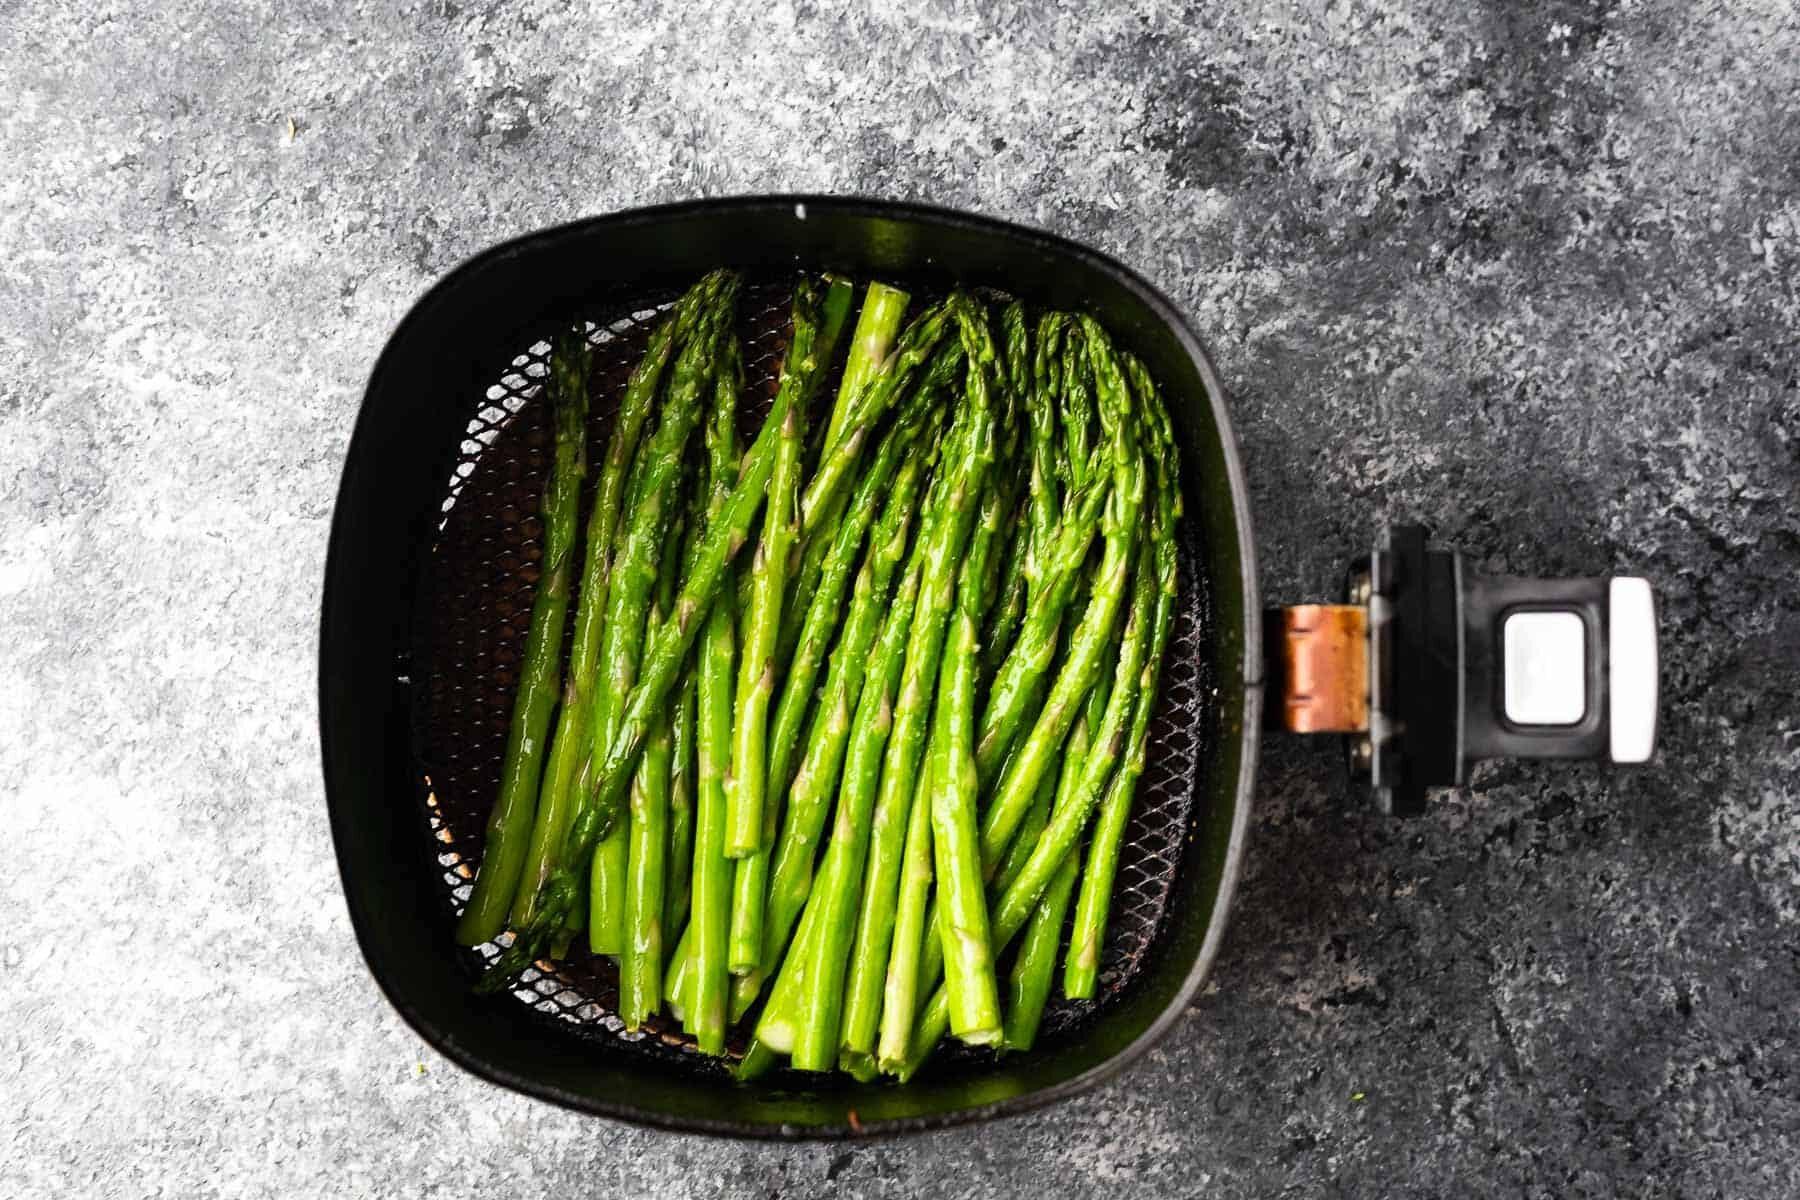 asparagus in an air fryer basket